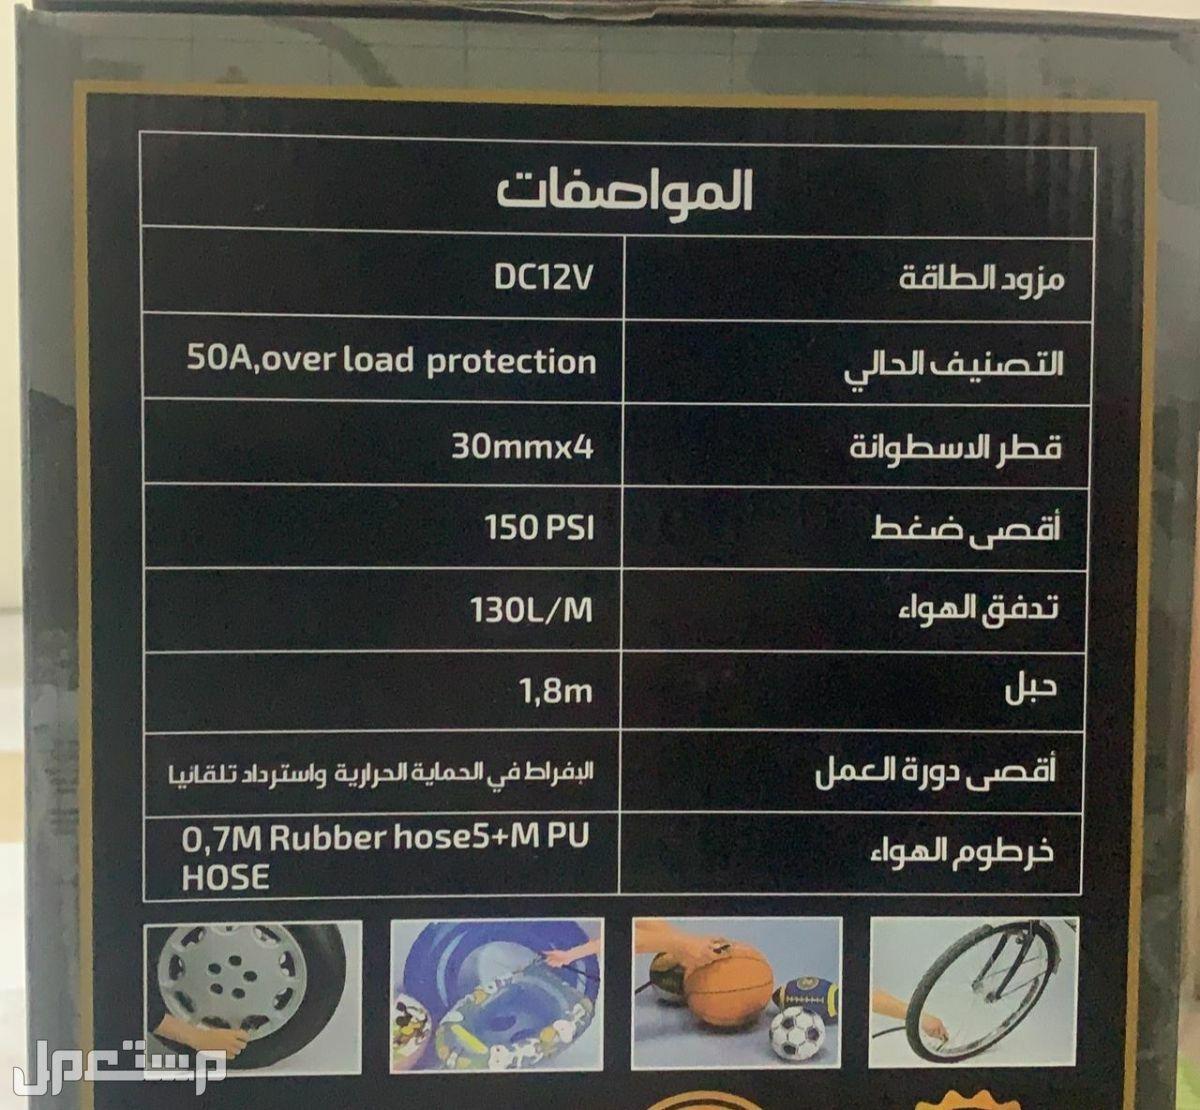 أفضل ماطور هواء سفاري 4 بستم في السعودية ضمان سنه